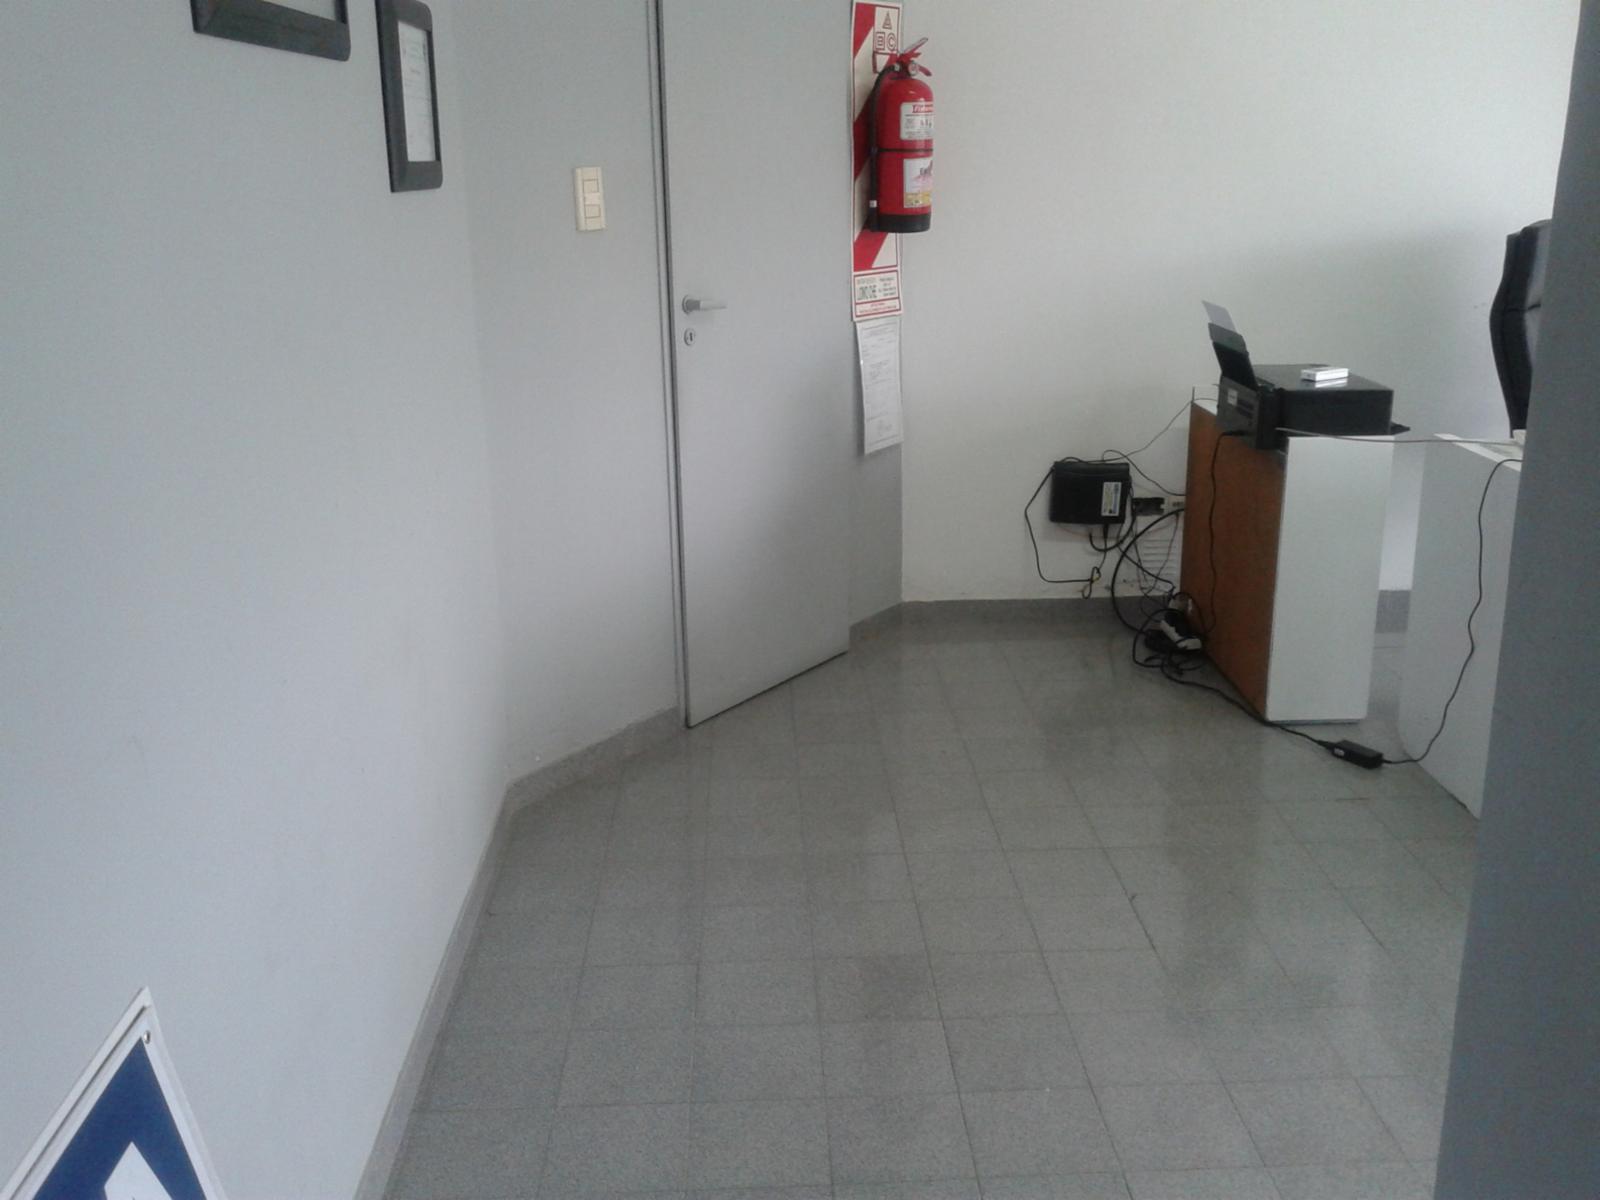 LOCAL con baño y kitchenette, posibilidad de agregar superficie. Disponible en octubre., ADBARNI Servicios Inmobiliarios